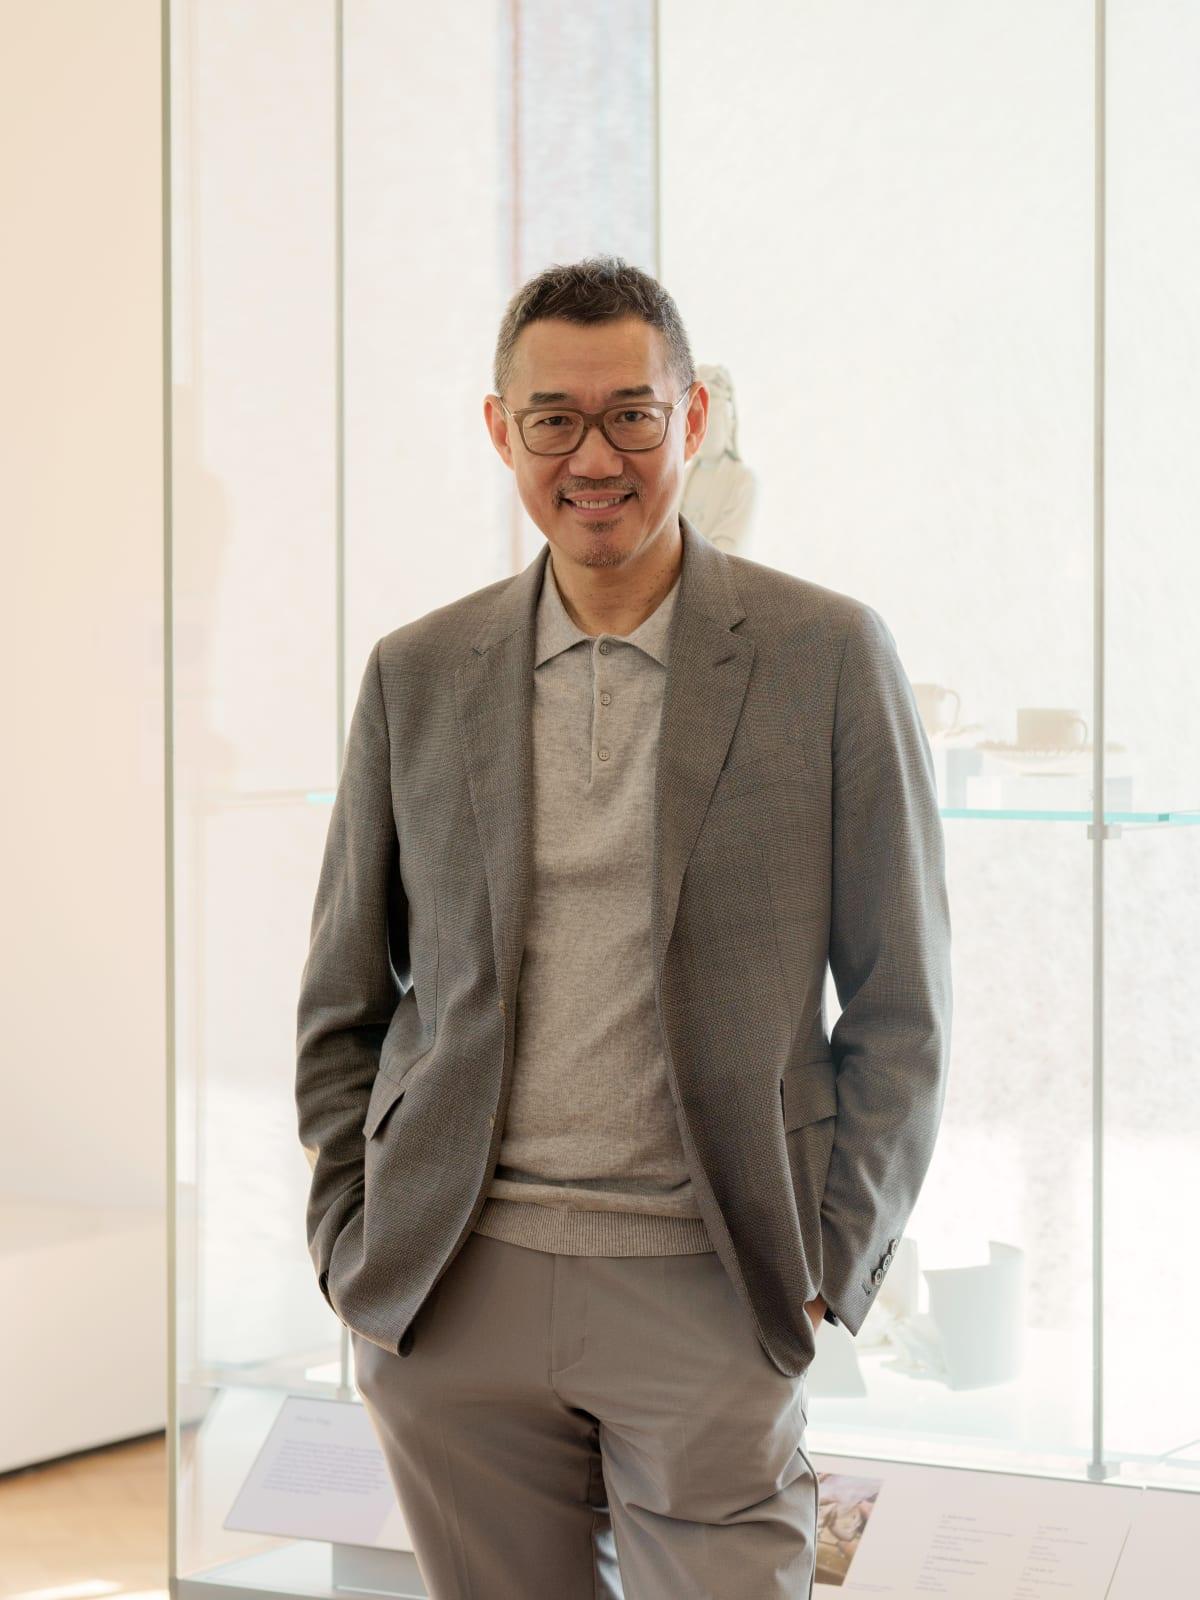 Peter Ting